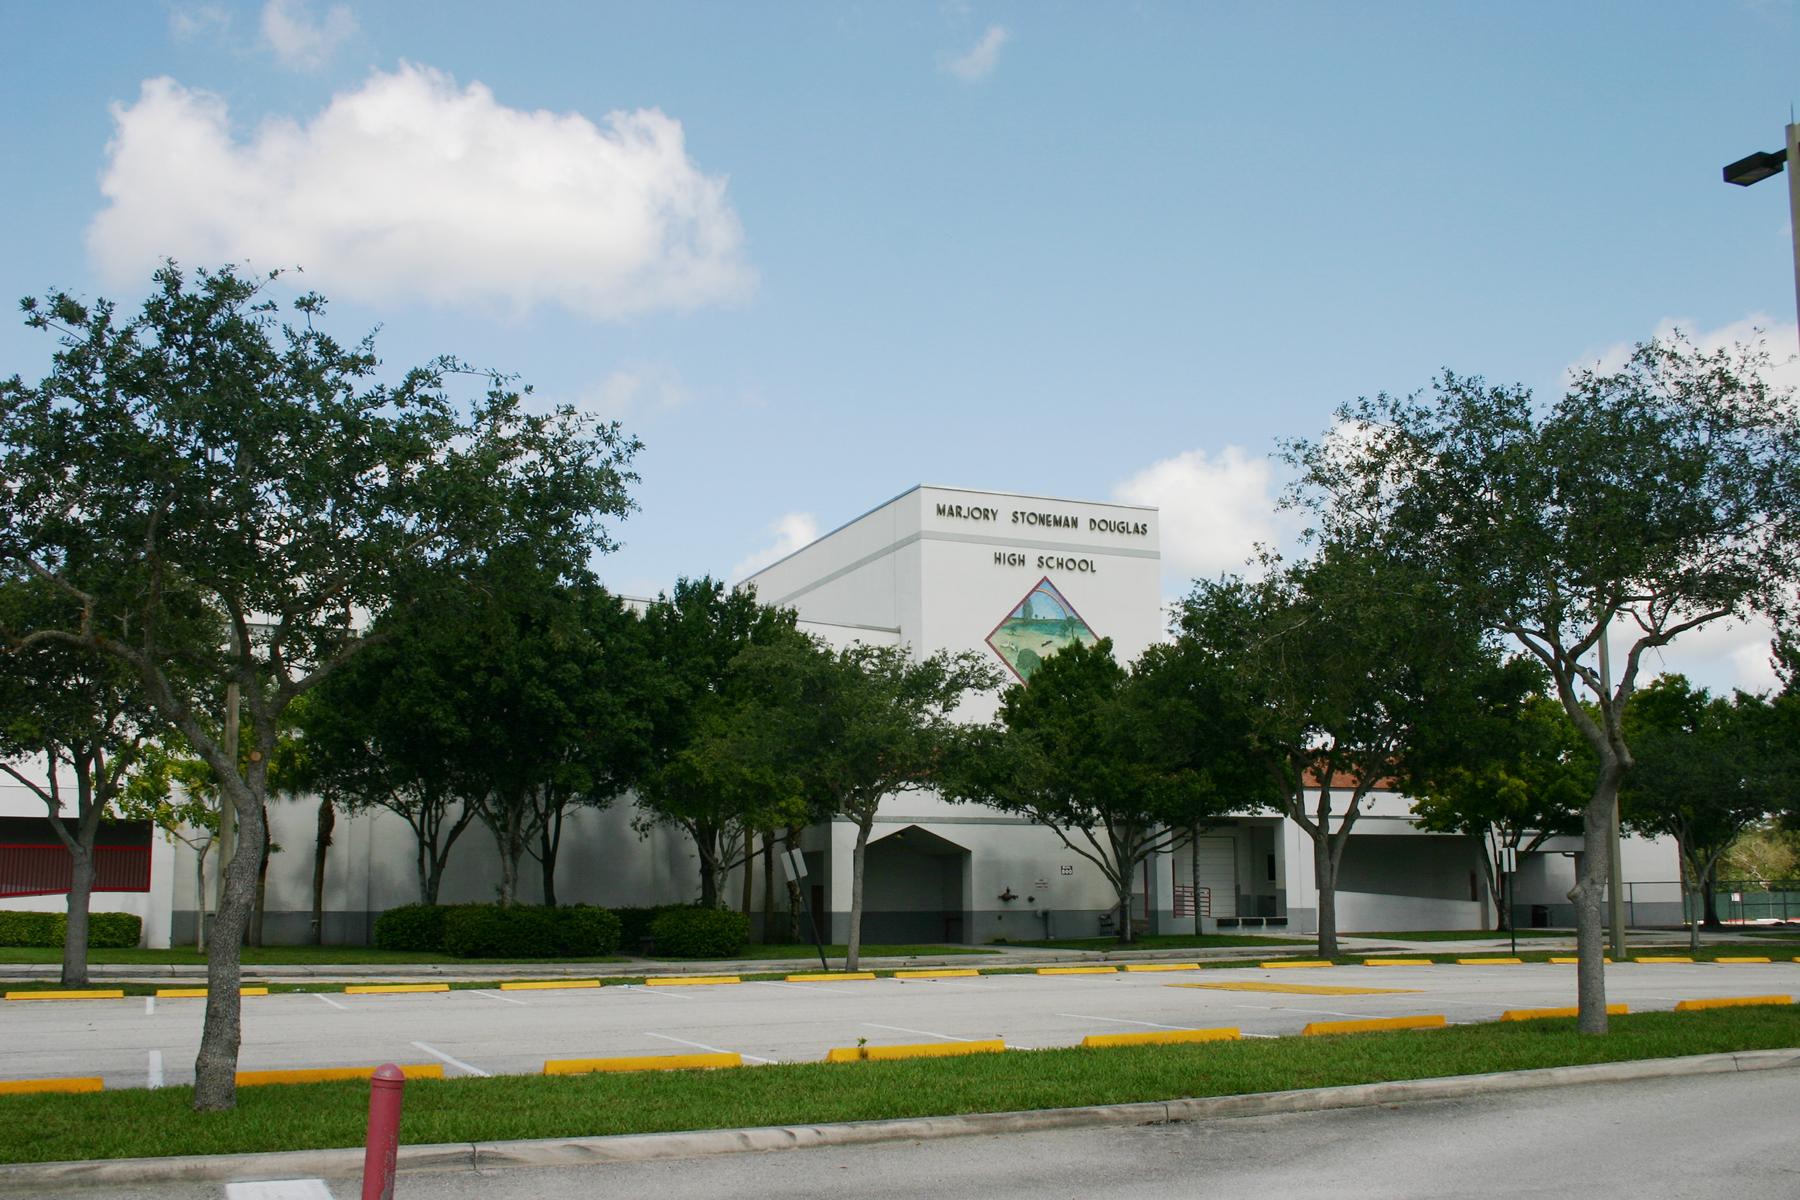 Veja o que saiu no Migalhas sobre Marjory Stoneman Douglas High School